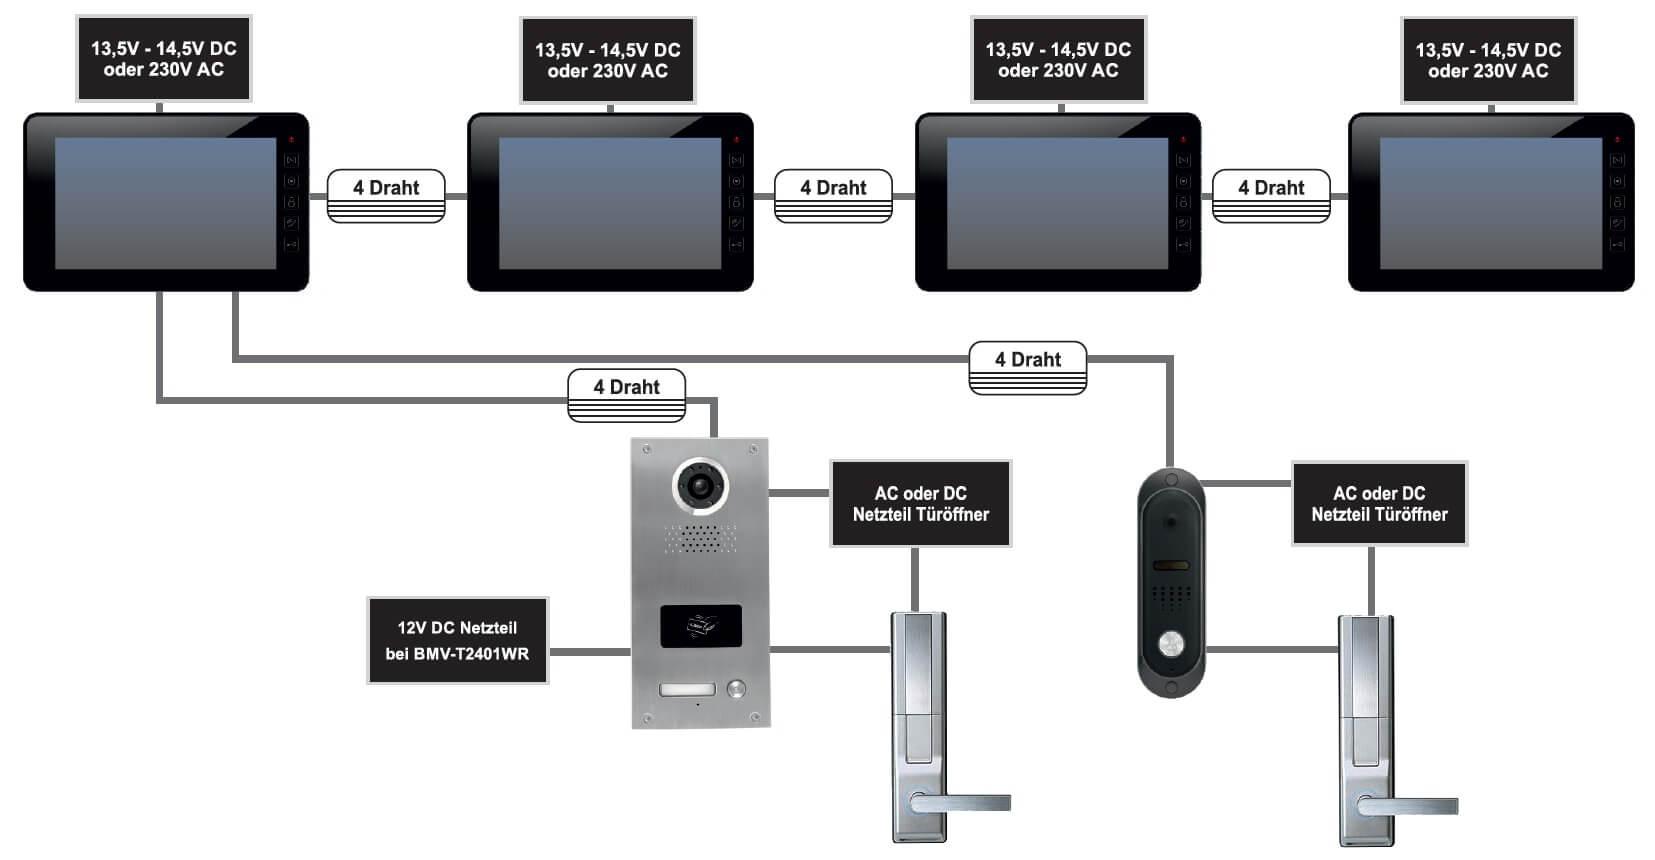 Anschlussschema 4-Draht NEOSTAR Video Tuersprechanlage Wechselsprechanlage mit Kamera  Türfreisprecheinrichtung Video Sprechanlage mit Kamera